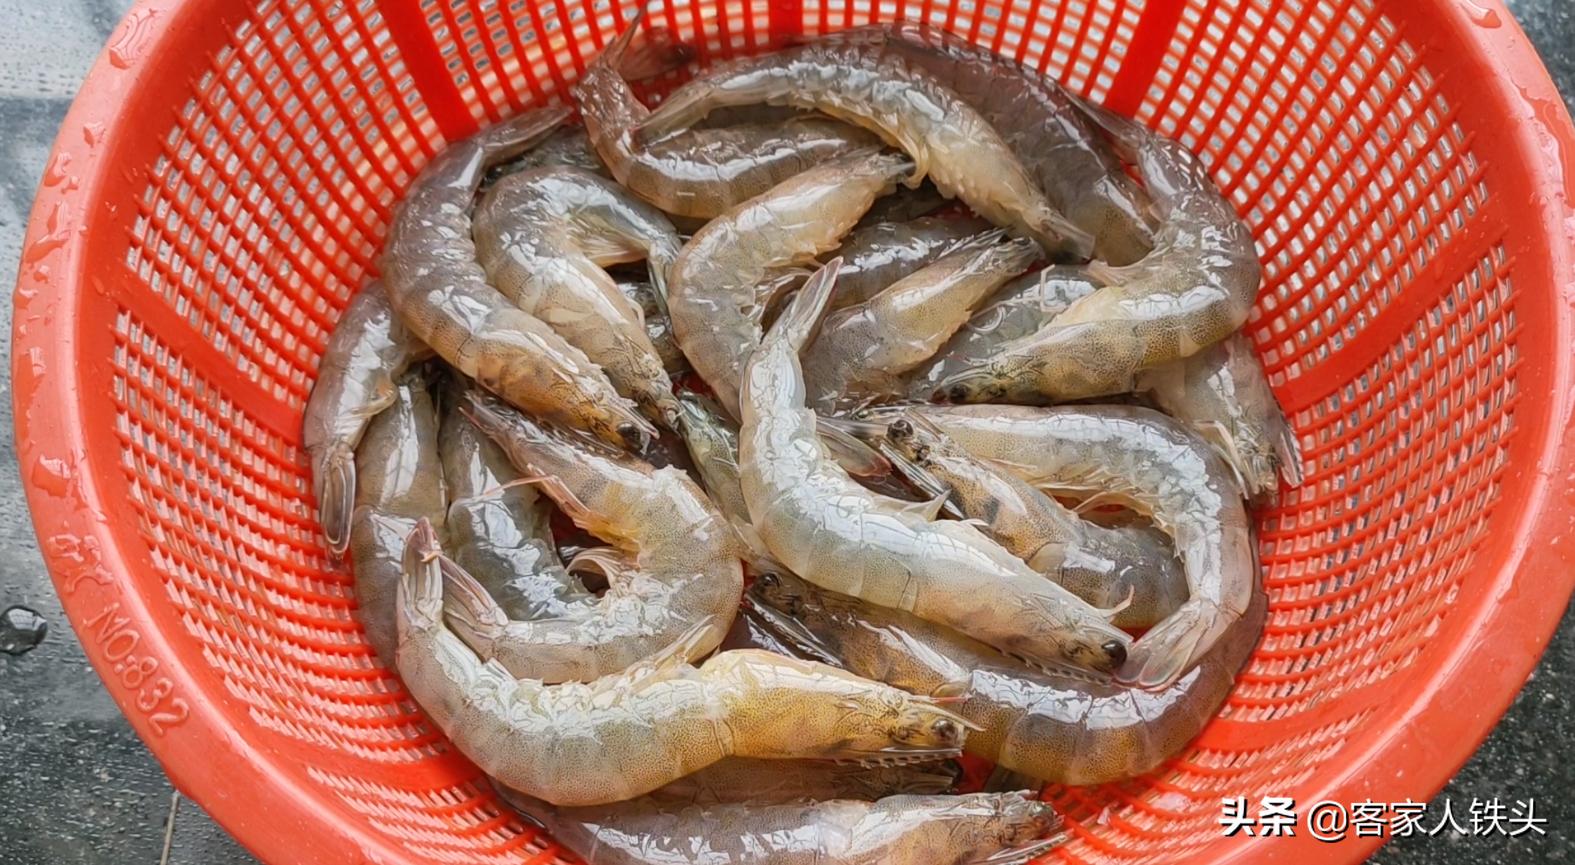 大蝦這樣做待客最有面,蓋一蓋5分鐘出鍋,鮮香好吃,汁都吃不剩